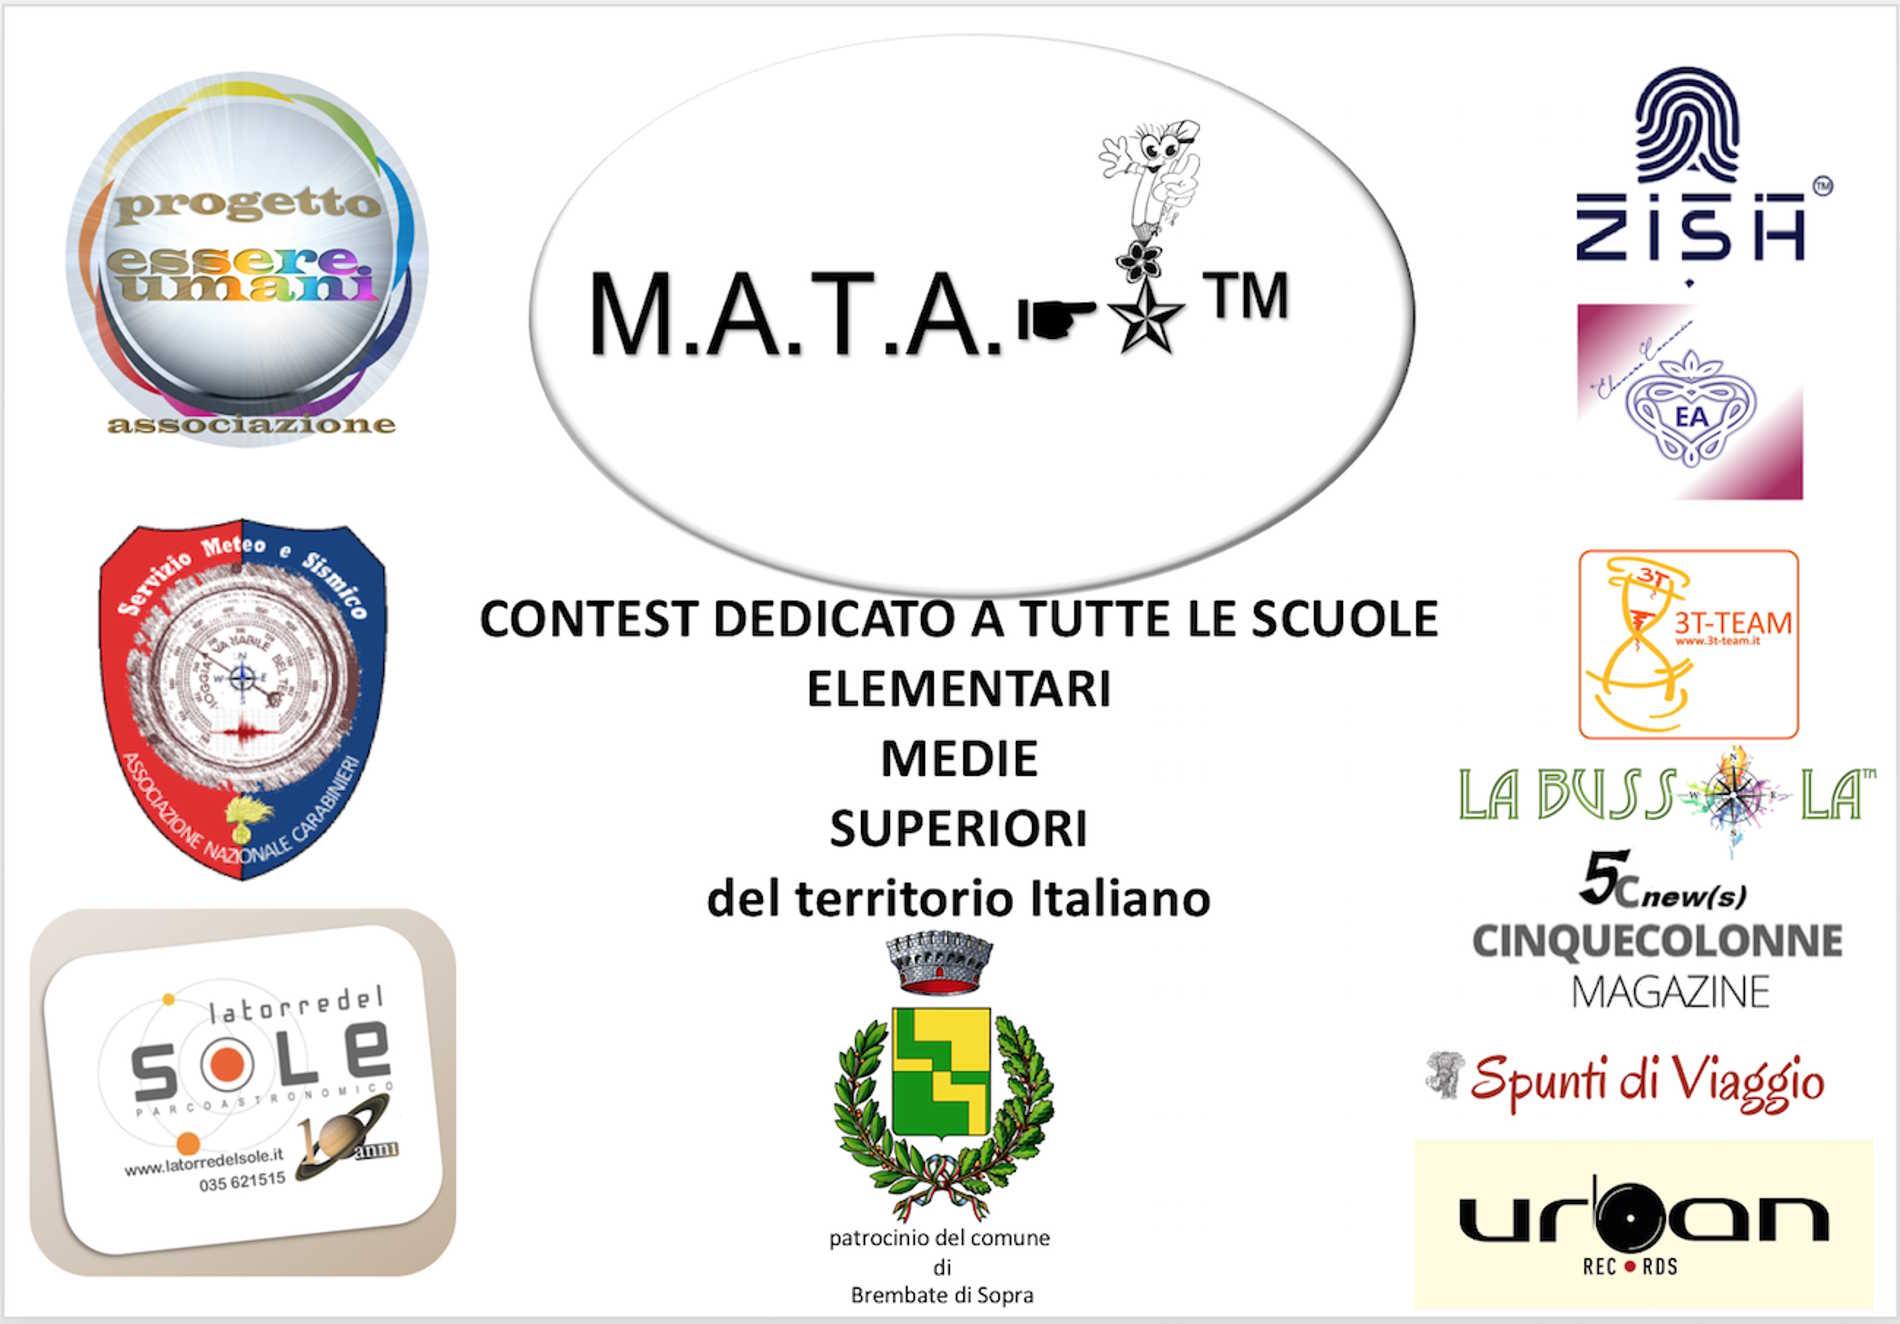 Locandina con tutti i partecipanti al progetto socio educativo MATA: si, ci sono anche io! Spunti di Viaggio - Travel and LifeStyle